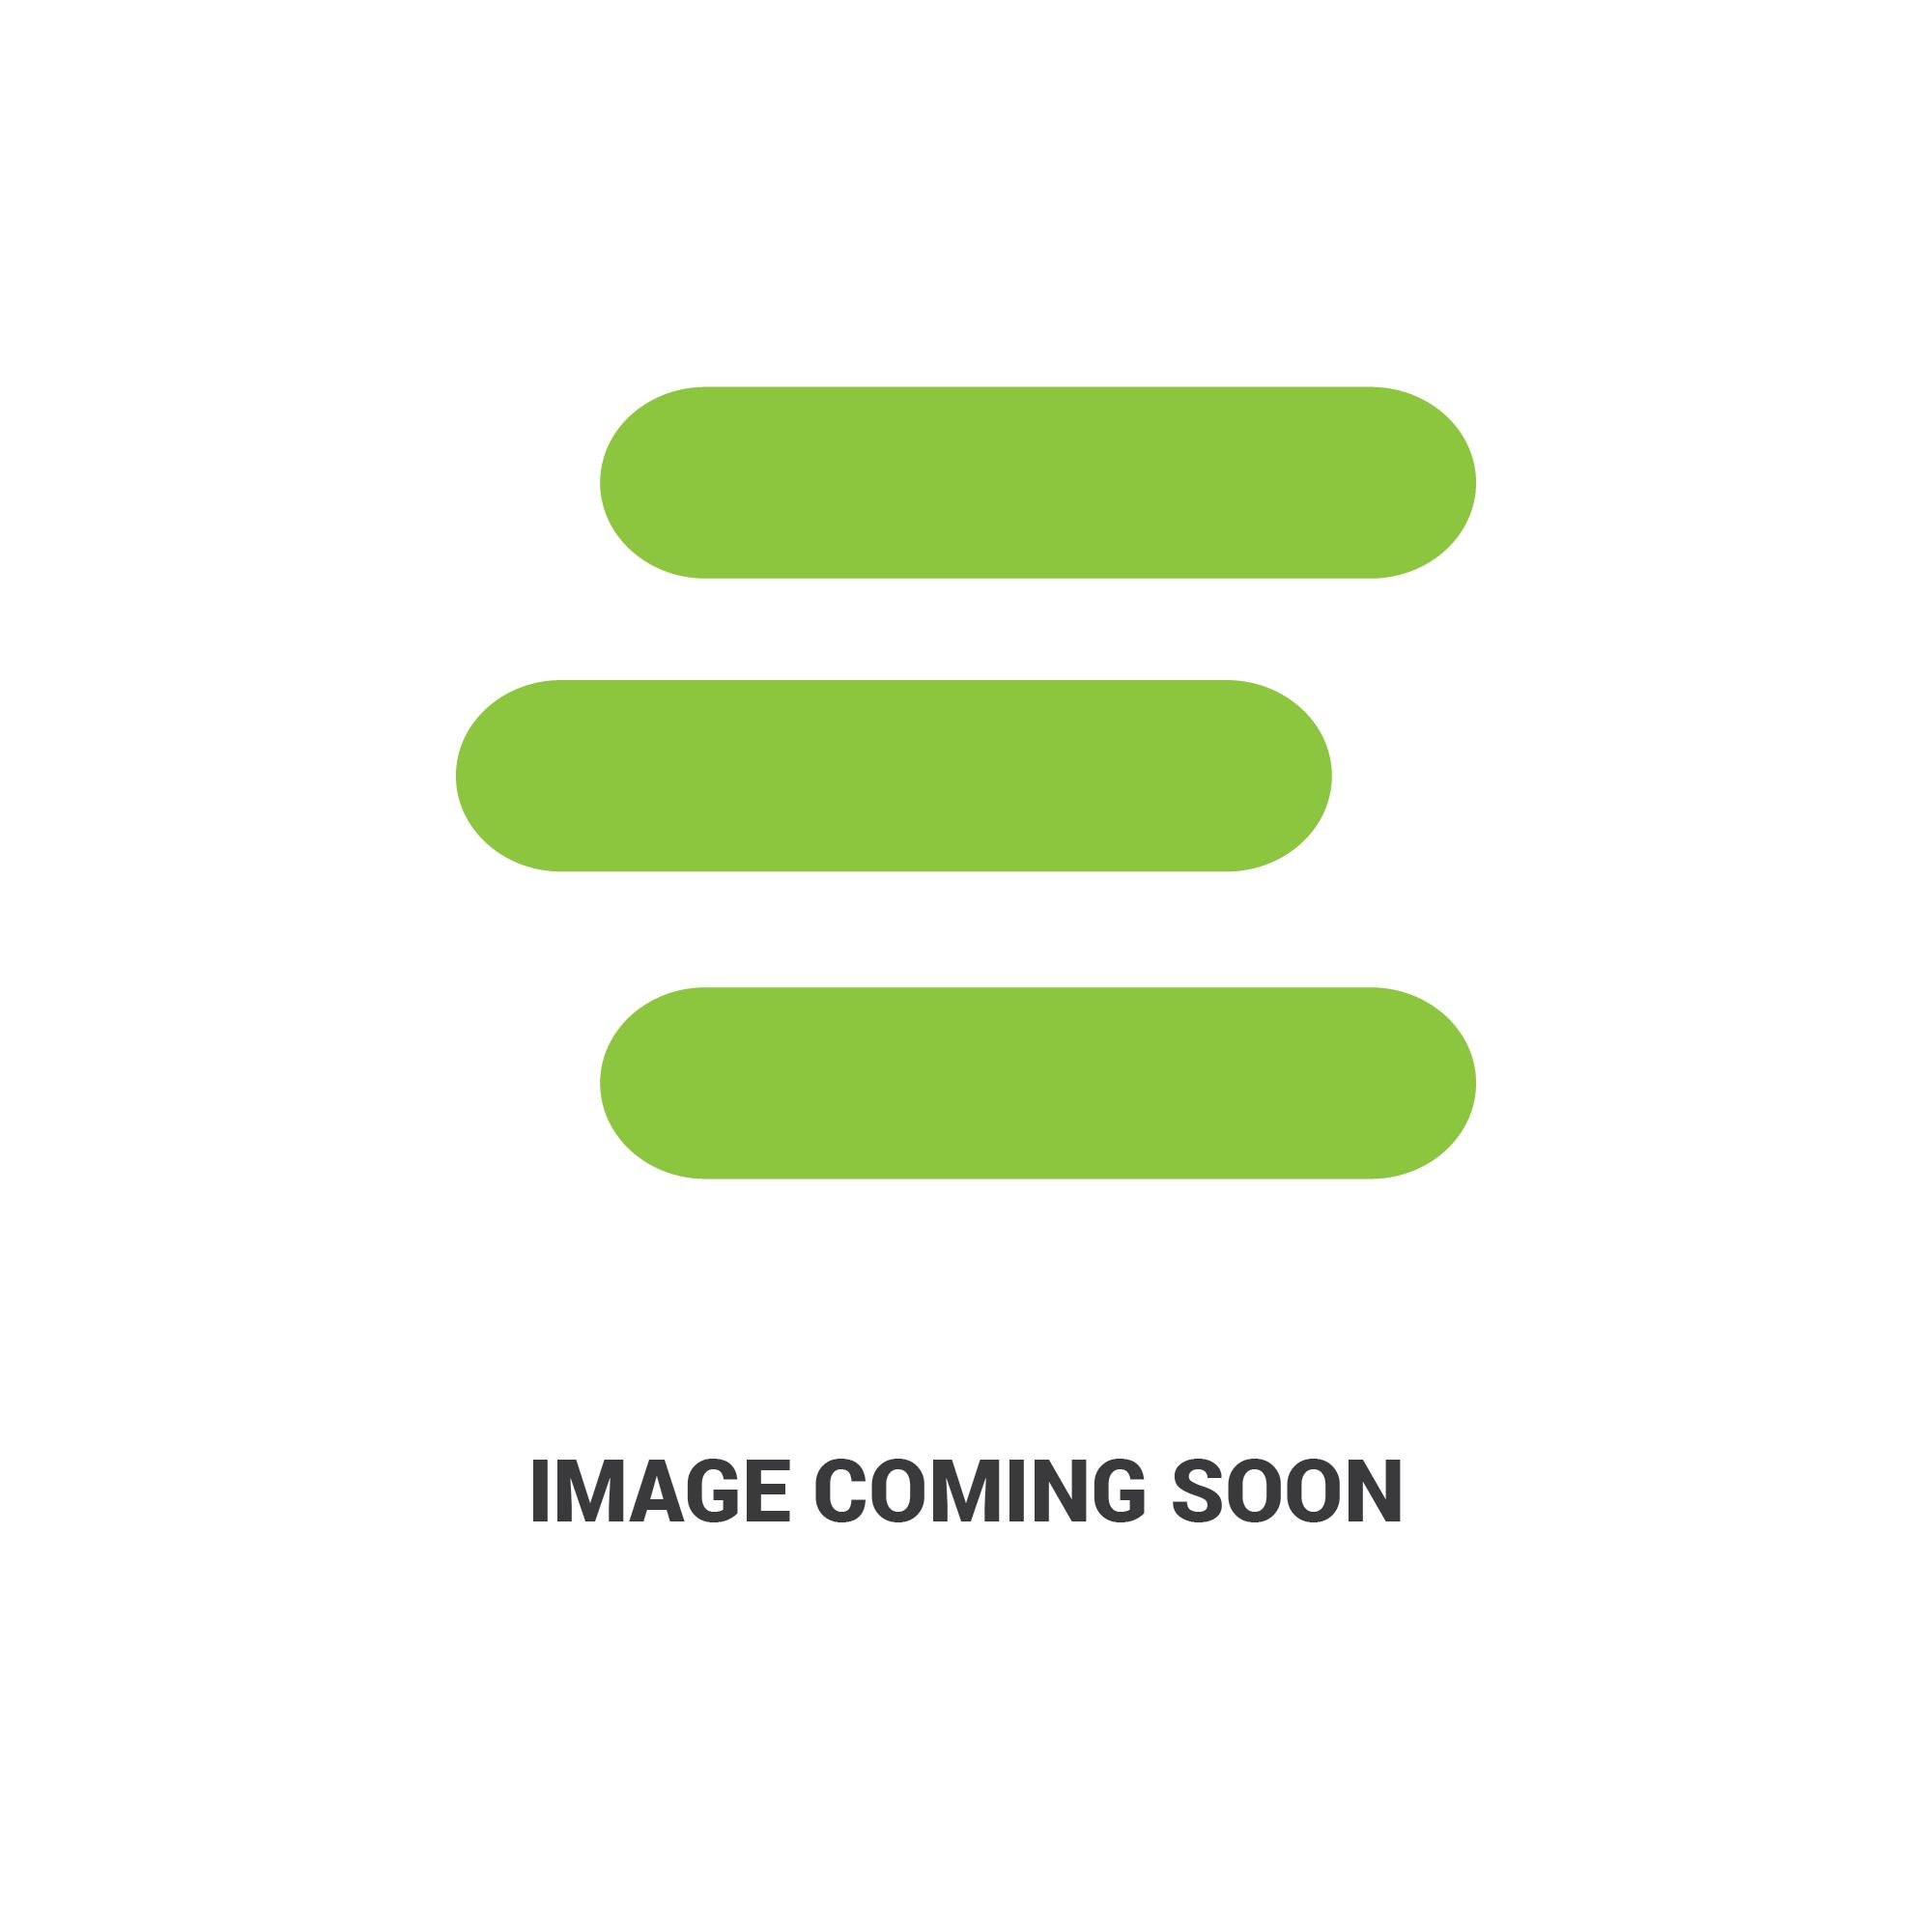 E-SJ18213edit 1208.jpg